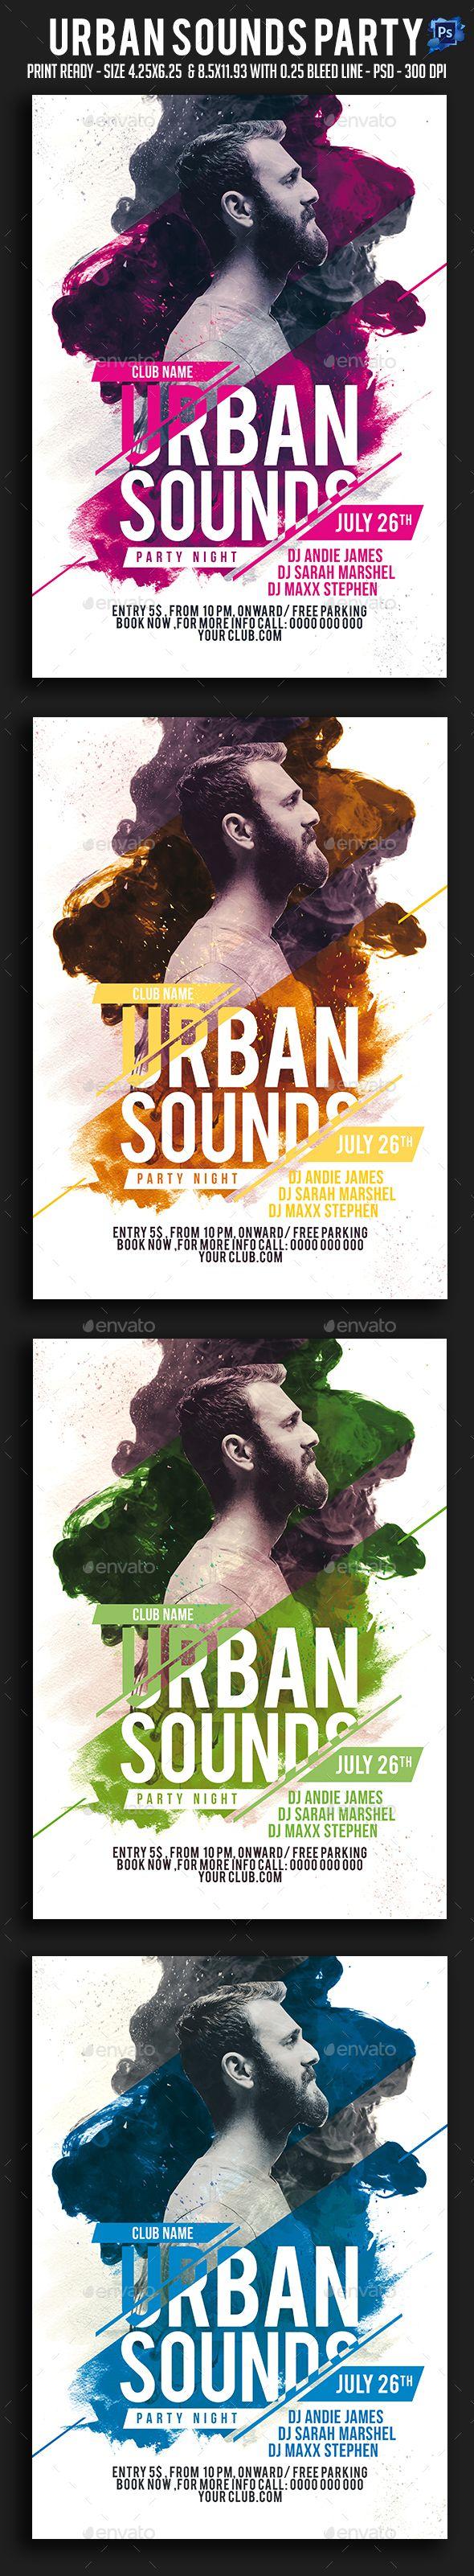 Urban Sounds Party Flyer | Cartelitos